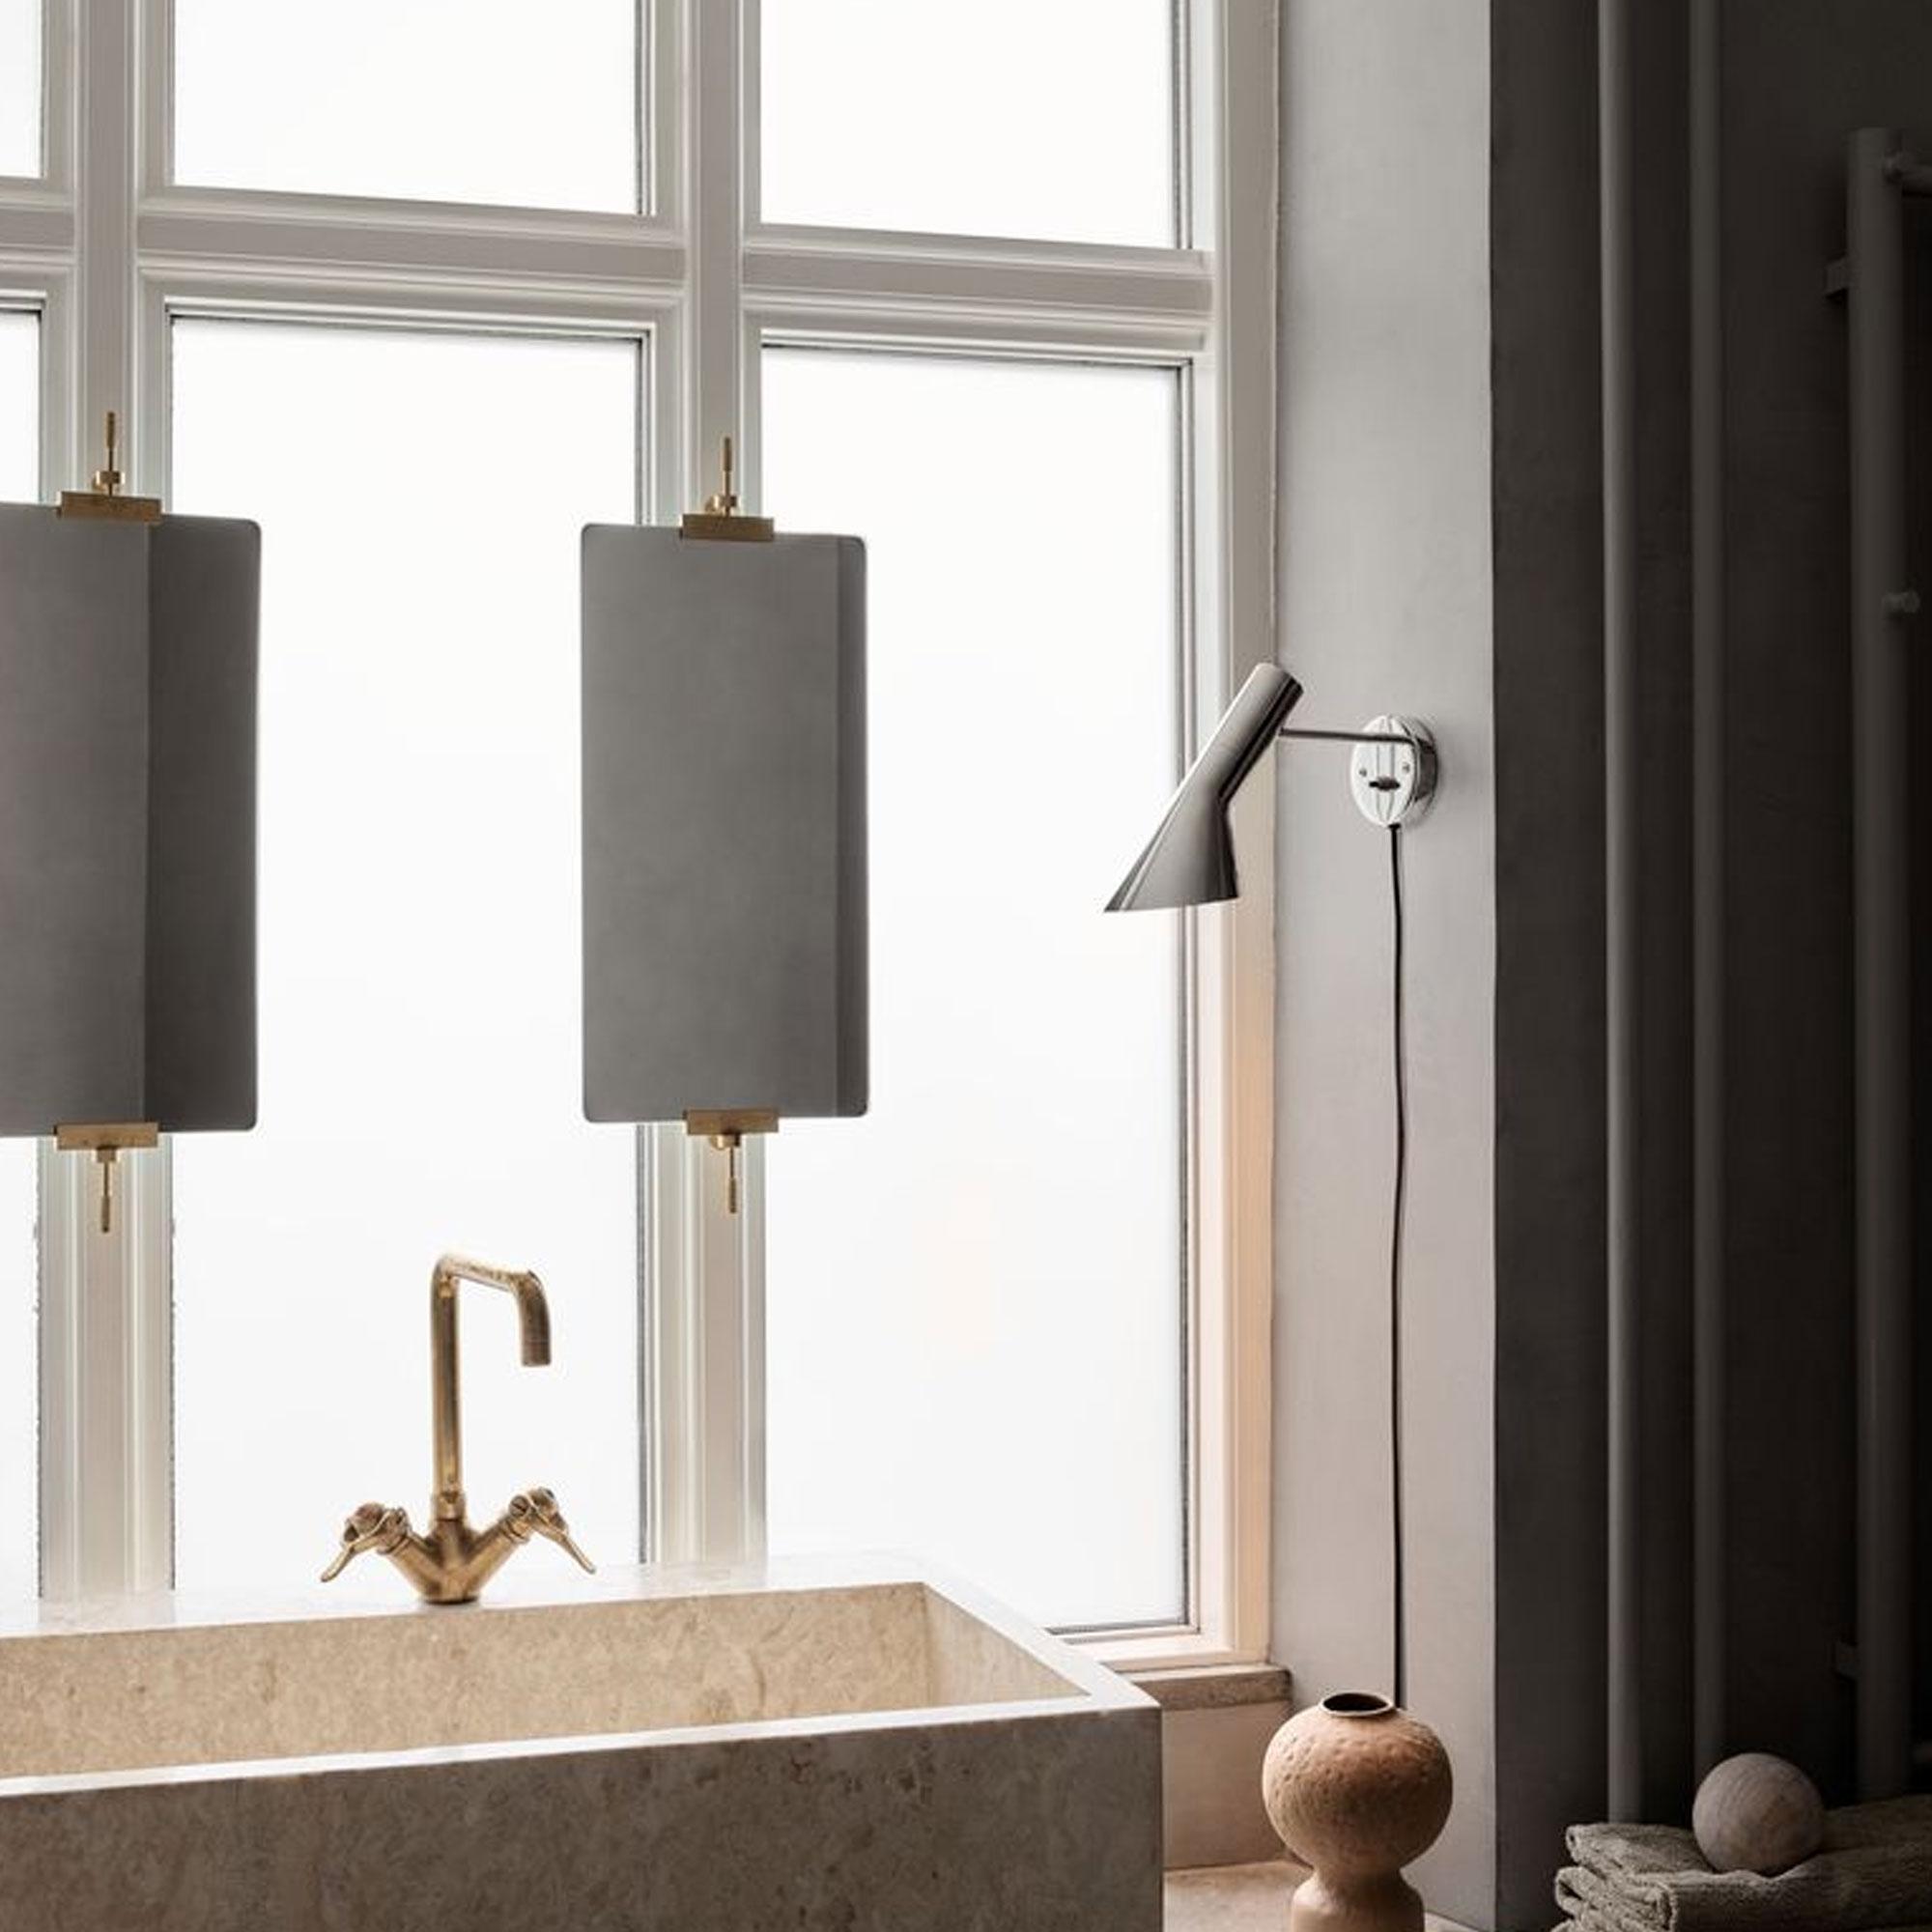 aj v gg. Black Bedroom Furniture Sets. Home Design Ideas